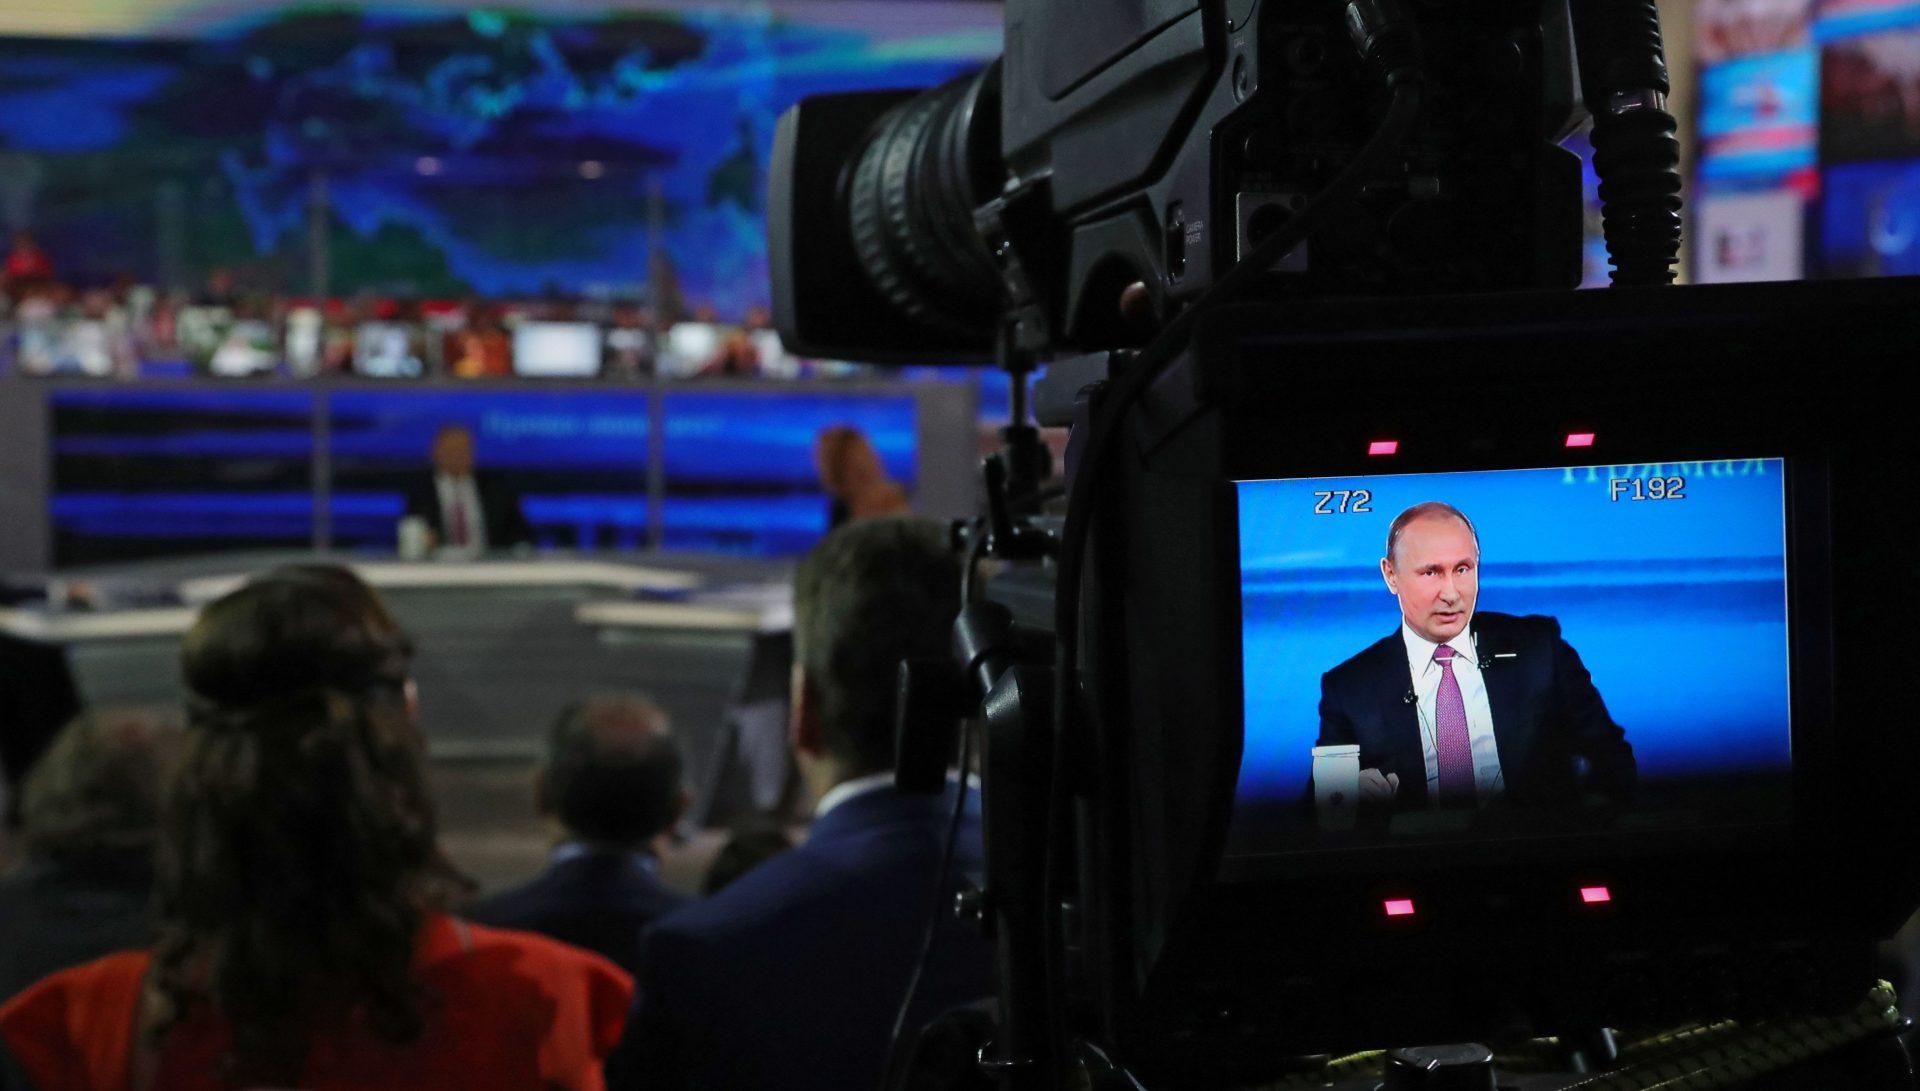 Rusia joacă pe bunul samaritean cu SUA, în timp ce face propagandă anti-americană